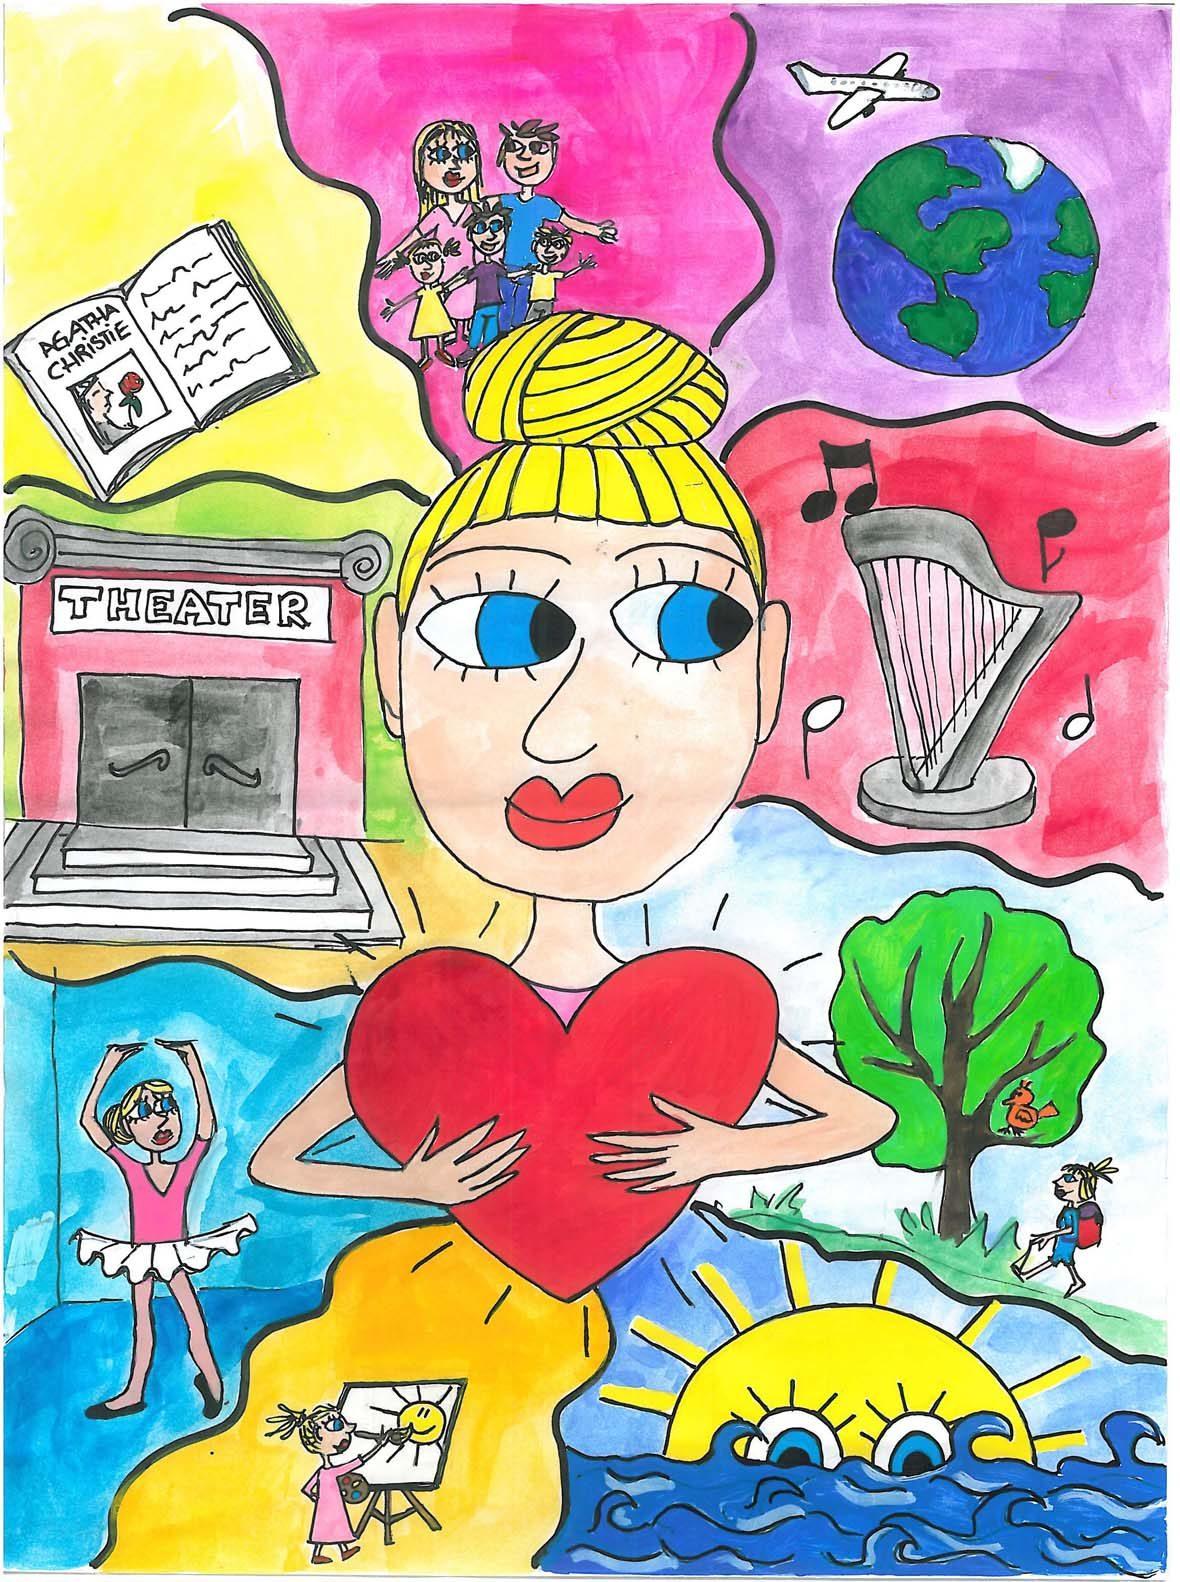 In der Mitte der Zeichnung ist eine blonde Frau mit Dutt, die ein großes Herz in der Hand hält. Man sieht nur ihren Oberkörper. Um sie herum sind verschiedene Szenen: Eine Weltkugel und ein Flugzeug, eine Harfe, um die Noten herumfliegen, ein Baum und die blonde Frau in sehr klein davor, die wandert, eine Sonne, die im blauen Meer versinkt, die blonde Frau, die eine Sonne auf eine Leinwand auf einer Staffelei zeichnet, die Frau im rosa Tütü, der Eingang in ein Theater, ein Buch mit einer Geschichte von Agatha Christie und die Frau mit einem brünetten Mann und drei Kindern: einem blonden Mädchen, einem brünetten Jungen und einem blonden Jungen.